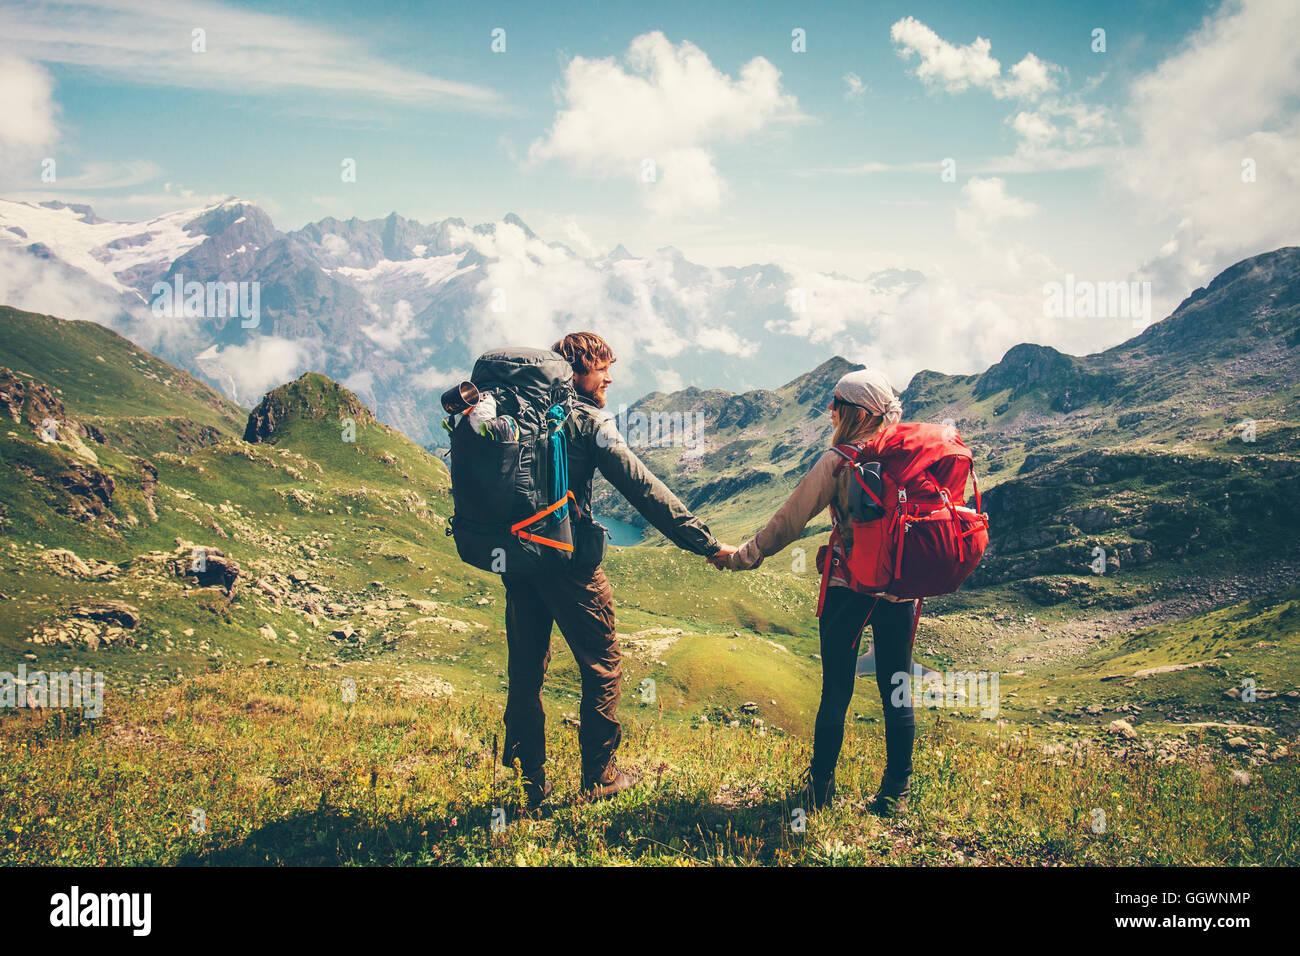 Giovane uomo e donna con zaino holding hands alpinismo Lifestyle Viaggi Vacanze estive concetto montagne e nuvole Foto Stock